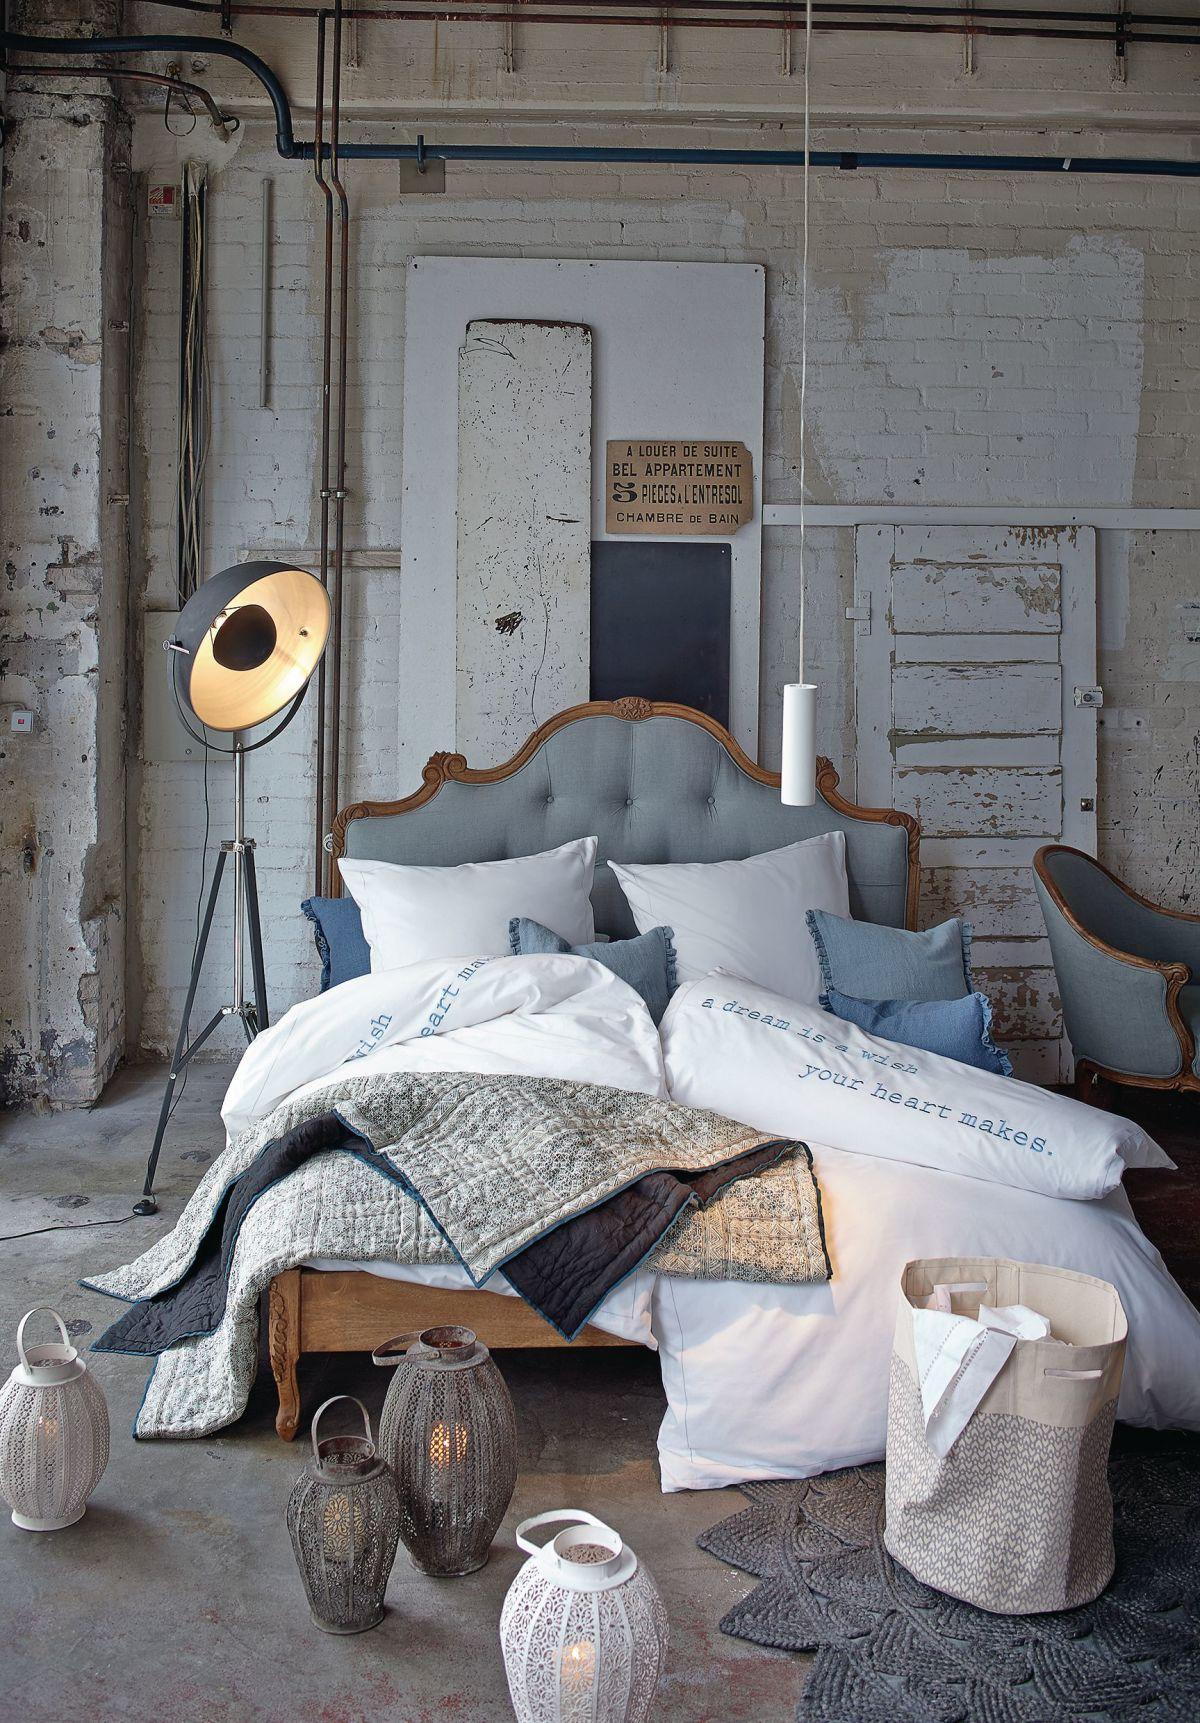 Außergewöhnliche betten mit licht  Bett, Knopfheftung, Romantik Look, Mango massiv, Leinenbzug ...